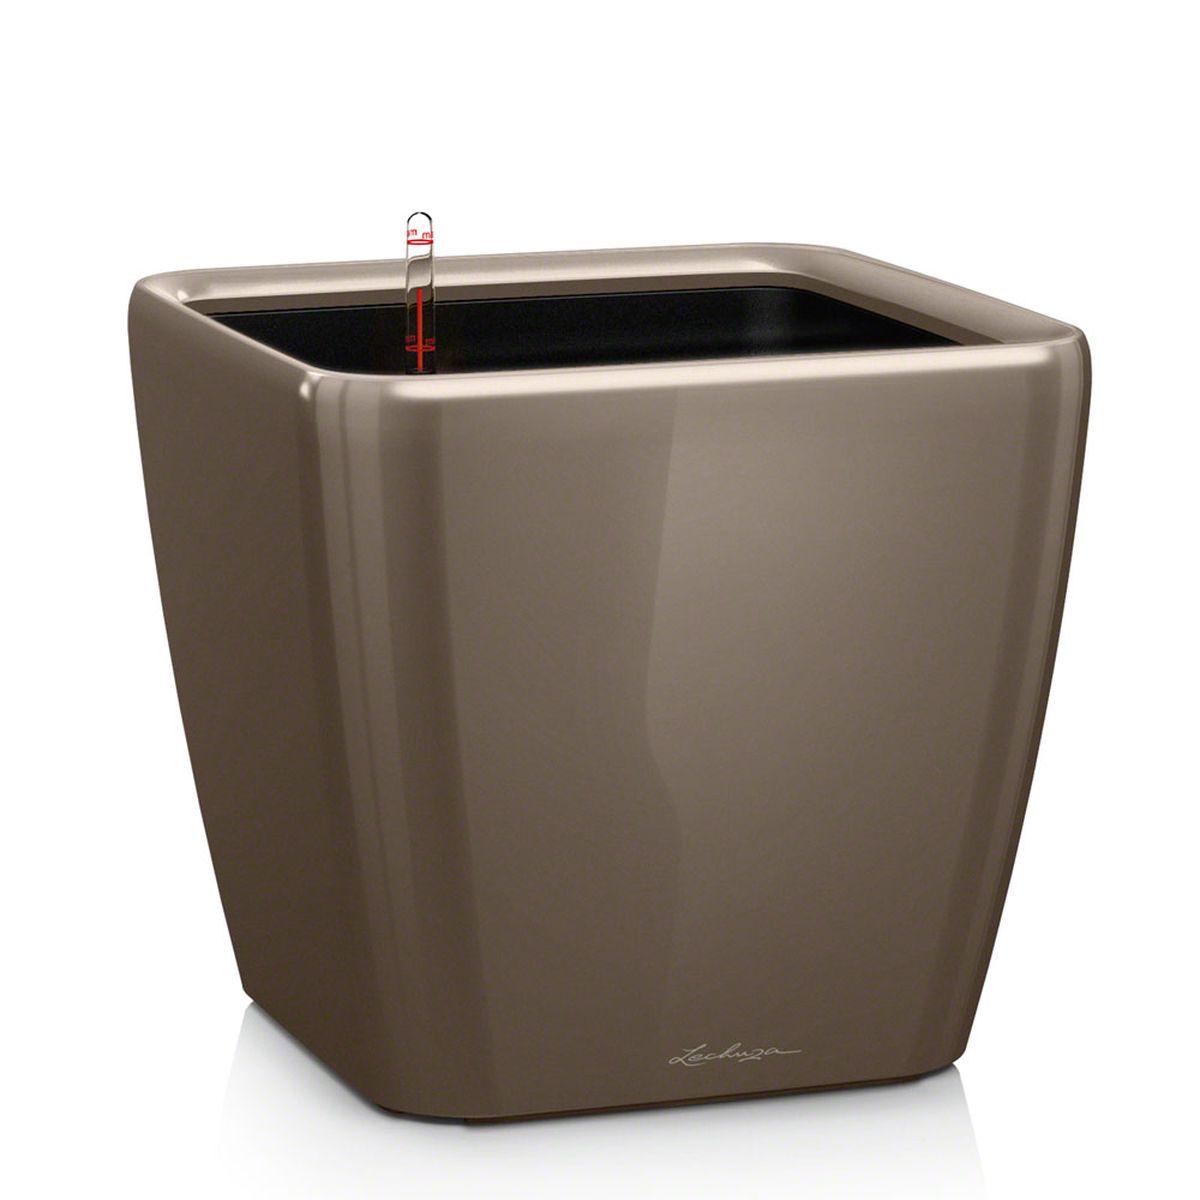 Кашпо Lechuza Quadro, с системой автополива, цвет: серо-коричневый, 33 х 33 х 35 см16165Кашпо Lechuza Quadro, выполненное из высококачественного пластика, имеет уникальную систему автополива, благодаря которой корневая система растения непрерывно снабжается влагой из резервуара. Уровень воды в резервуаре контролируется с помощью специального индикатора. В зависимости от размера кашпо и растения воды хватает на 2-12 недель. Это способствует хорошему росту цветов и предотвращает переувлажнение. В набор входит: кашпо, внутренний горшок, индикатор уровня воды, вал подачи воды, субстрат растений в качестве дренажного слоя, резервуар для воды. Кашпо Lechuza Quadro прекрасно впишется в любой интерьер. Оно поможет расставить нужные акценты и придаст помещению вид, соответствующий вашим представлениям.